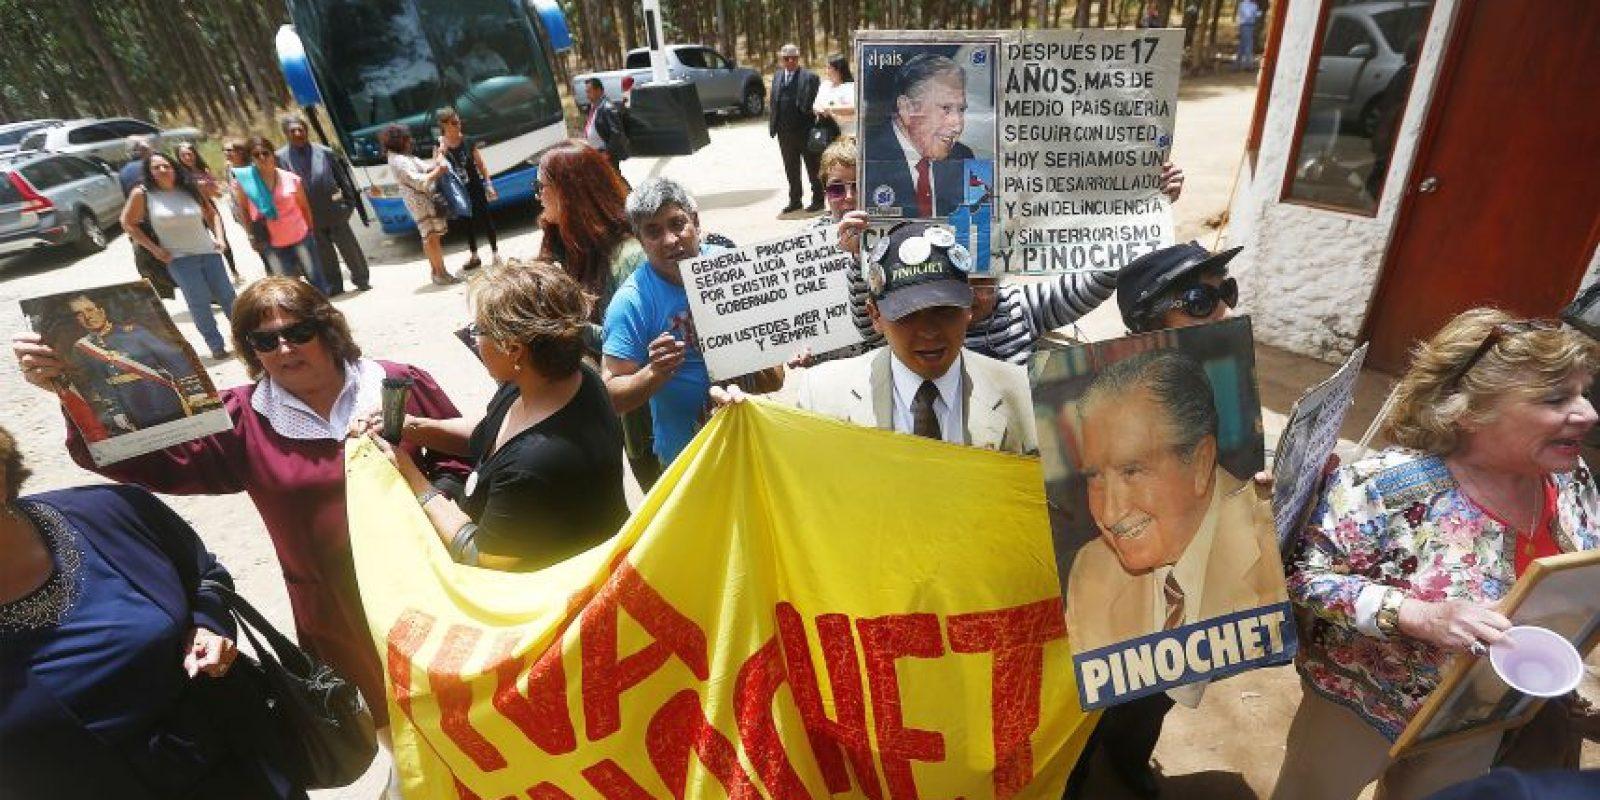 Hoy se conmemoran 10 años de la muerte de Augusto Pinochet. Amigos y familiares asistieron a una misa para recordarlo. La ceremonia se realizo en en fundo Los Boldos que la familia tiene en Santo Domingo. Foto:Aton. Imagen Por: